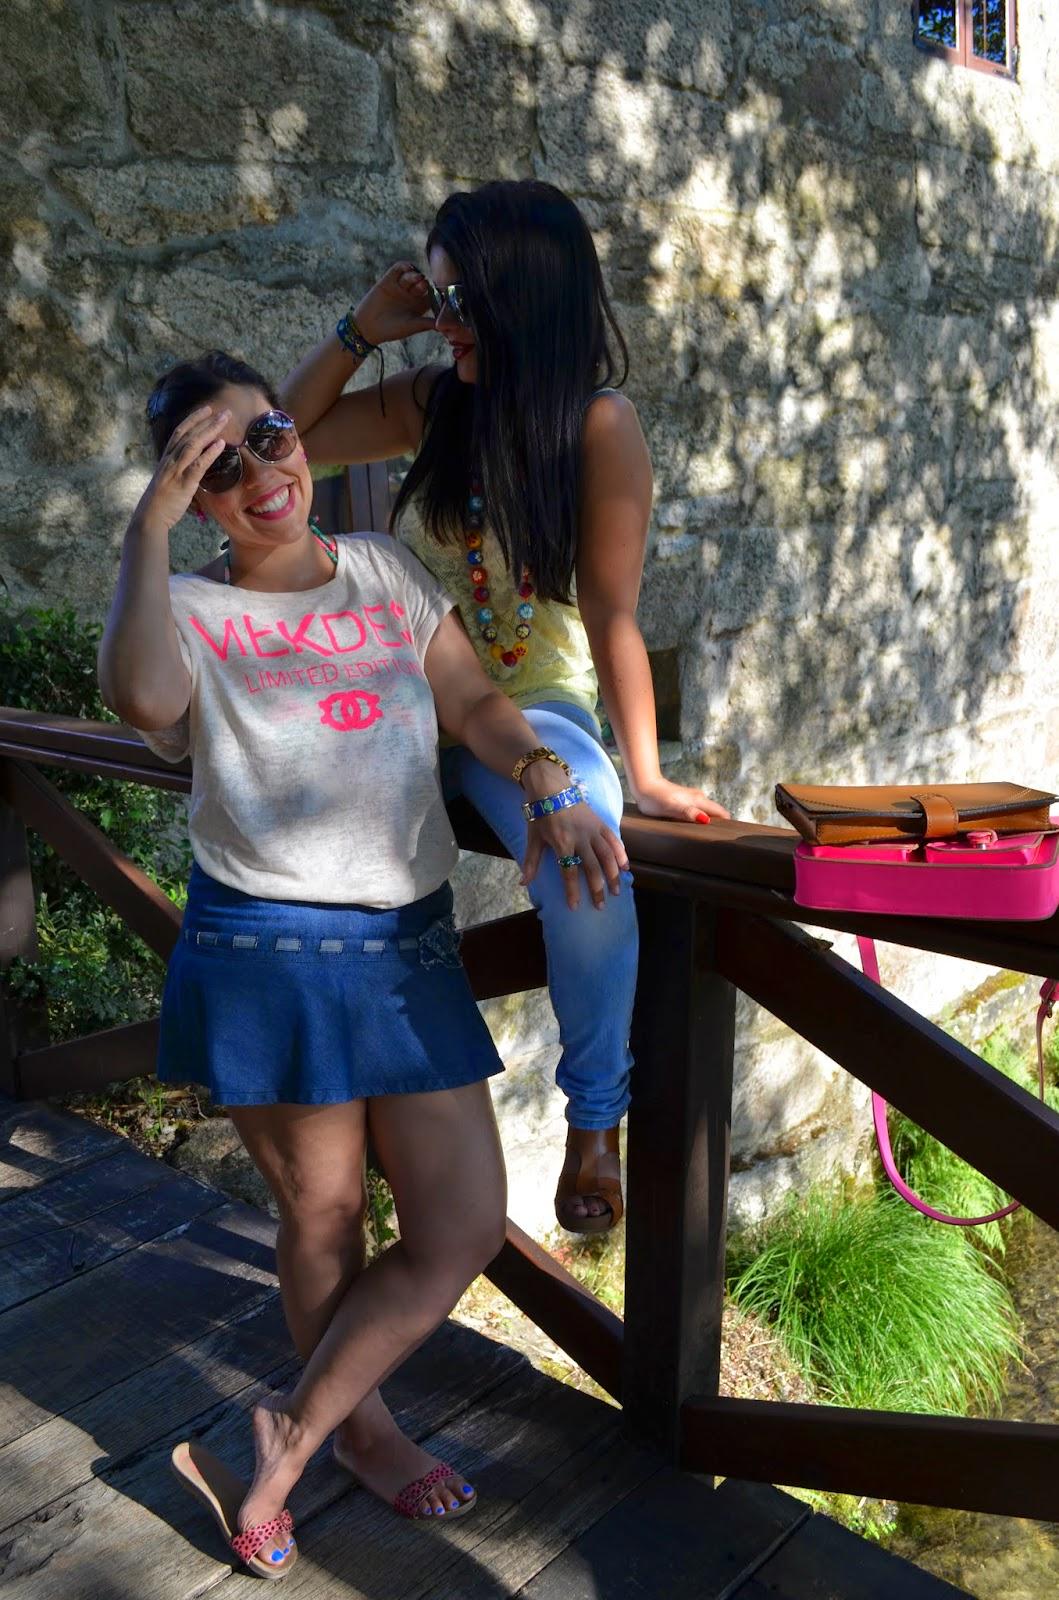 http://amigasyresidentesenstylestation.blogspot.com.es/2014/07/molinos-redondela.html